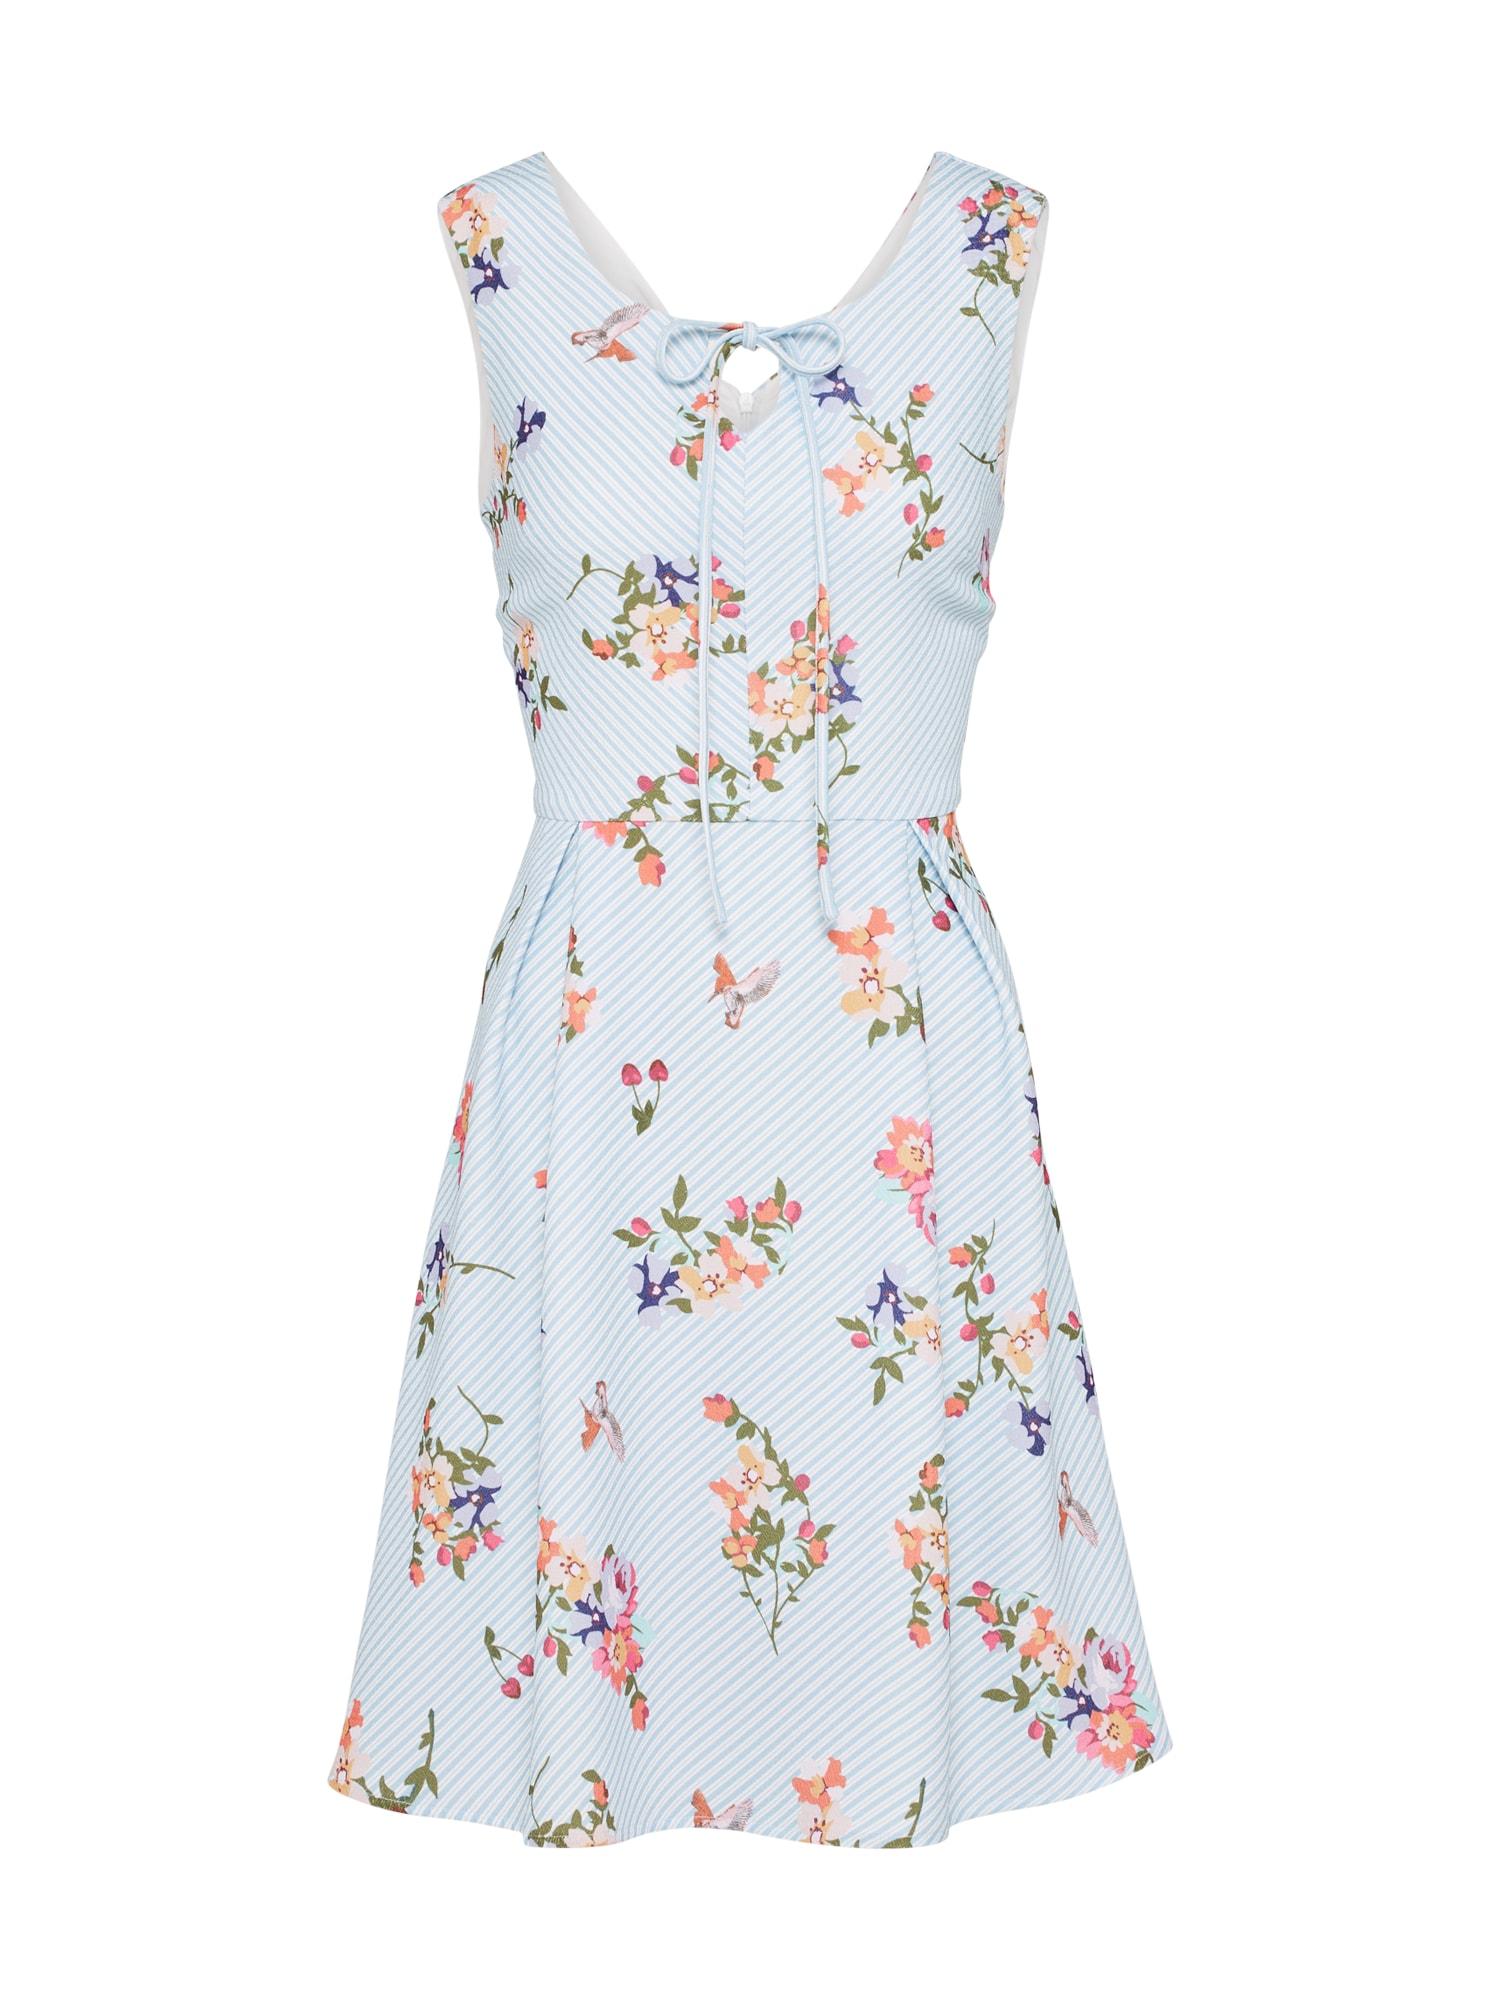 Letní šaty French Stripe světlemodrá meruňková Yumi